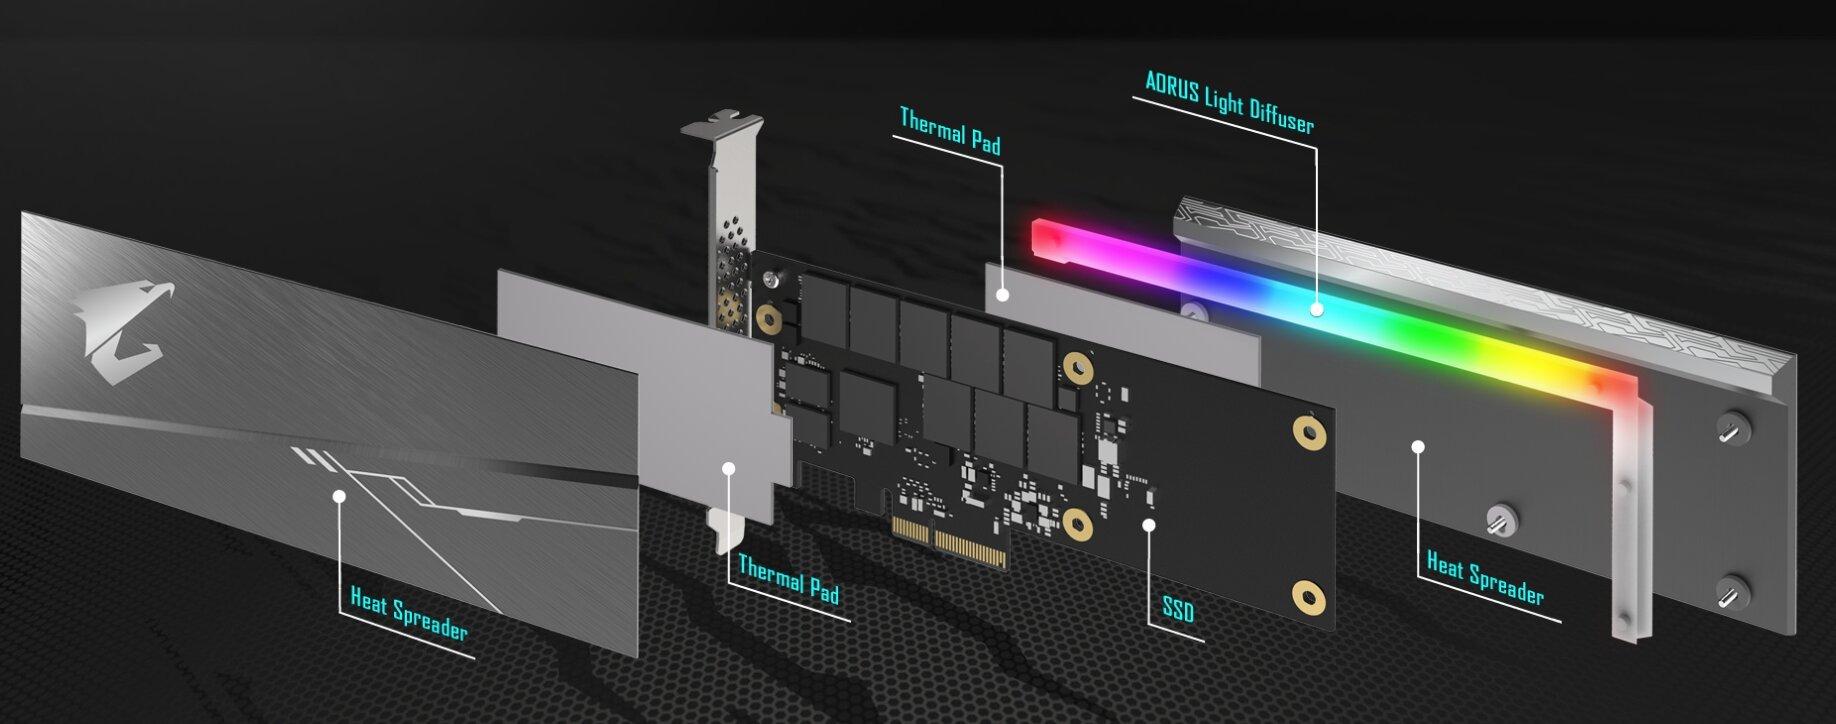 Image 2 : Le nouveau SSD PCI Express d'Aorus est très rapide... et bourré de LED RGB